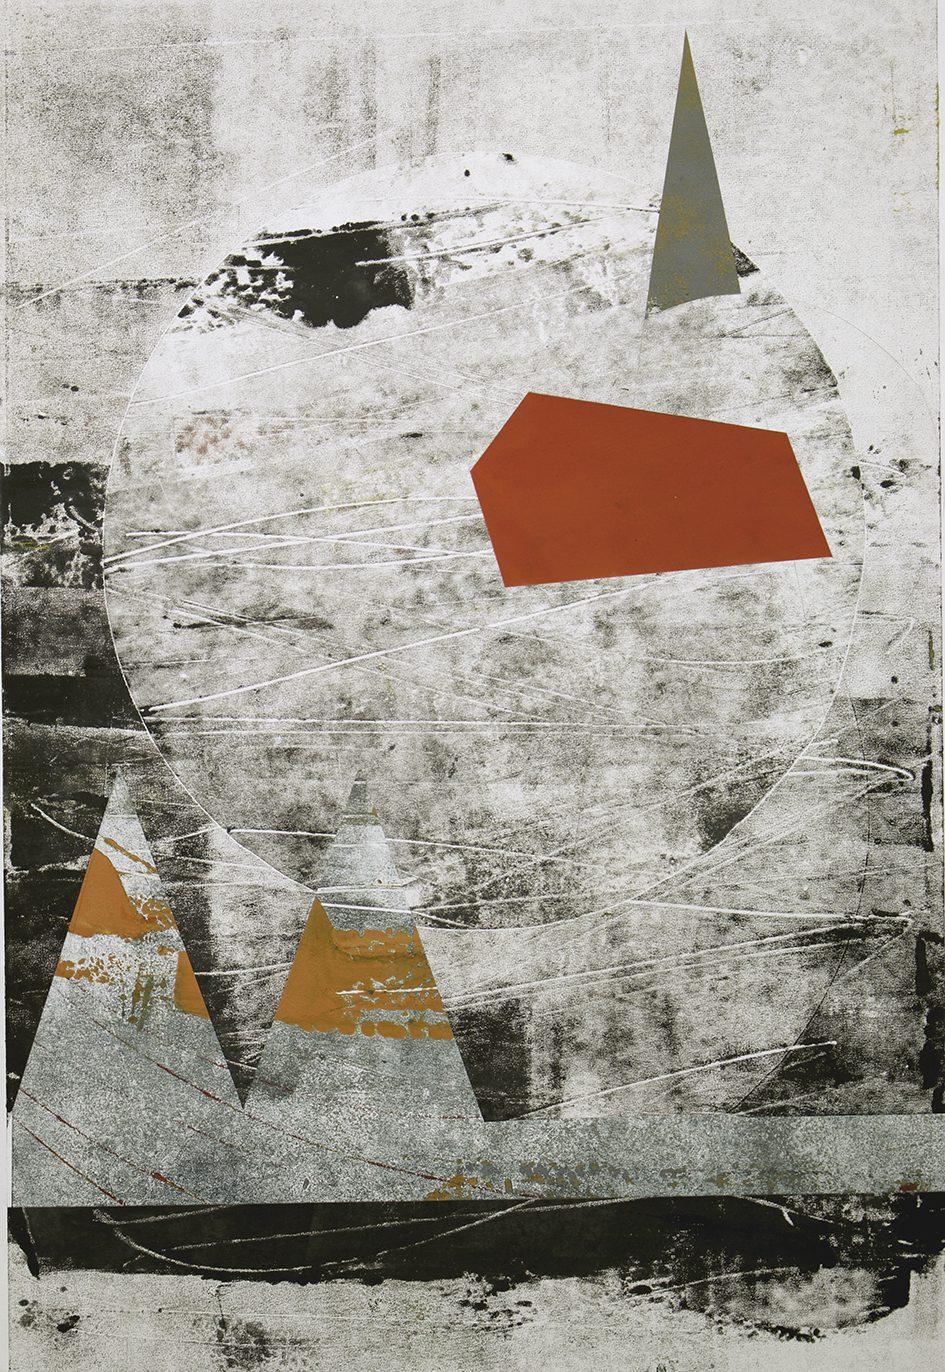 Landschaft mit Raute, 2018. Monotype, 70 x 100 cm. Unique. Framed